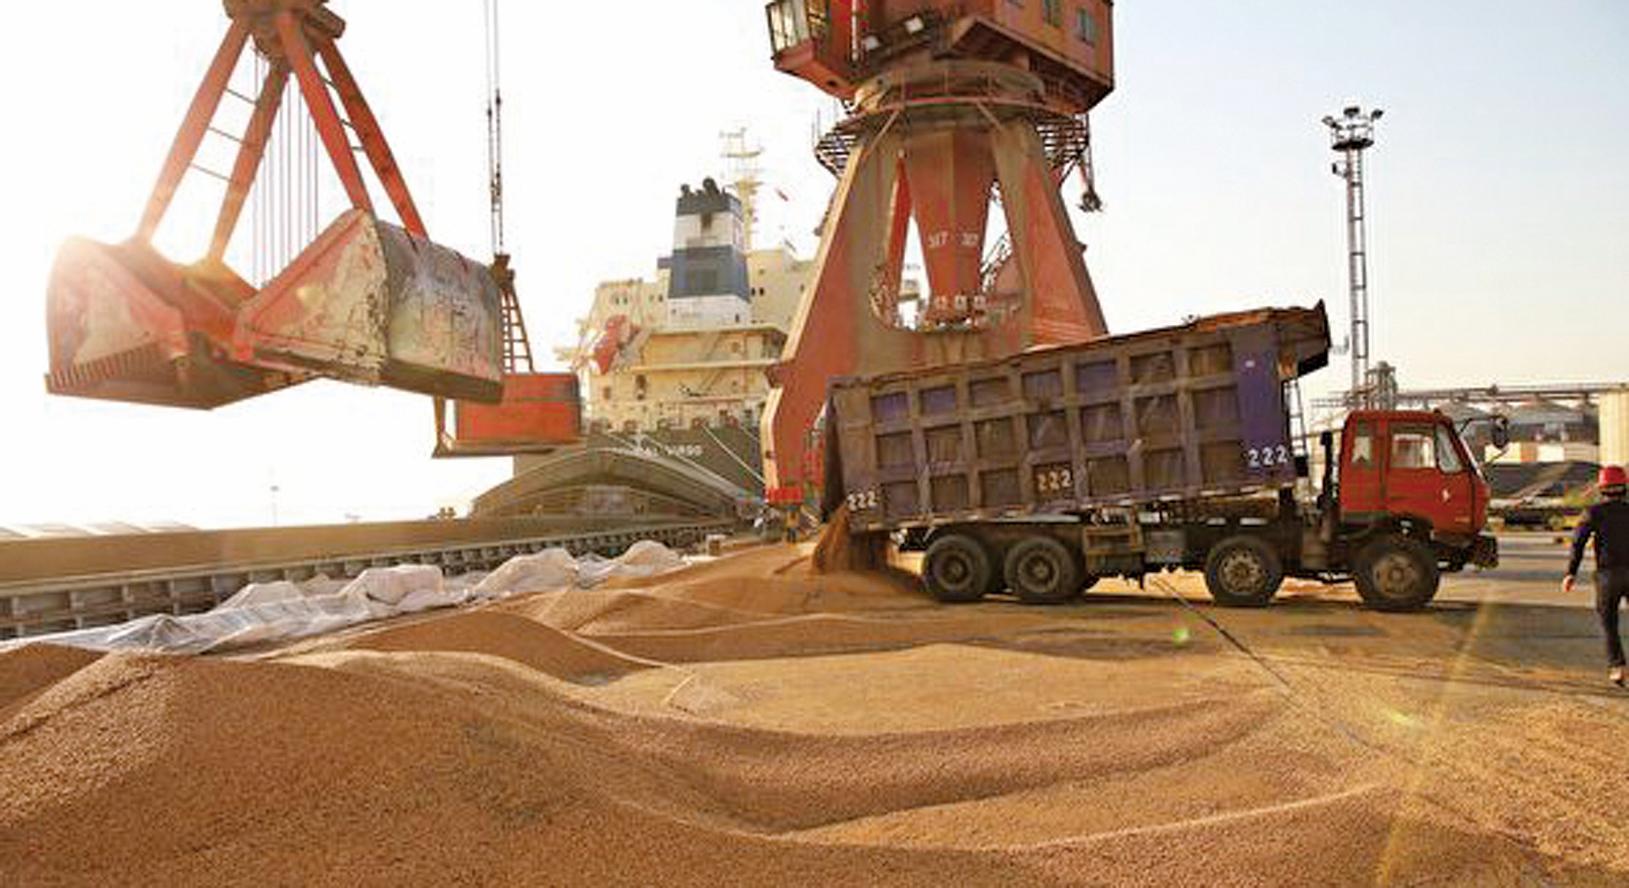 7月30日中美貿易代表會談前兩天(7月28日),中共官媒表示中方已經進口了數百萬噸美國大豆。(Getty Images)